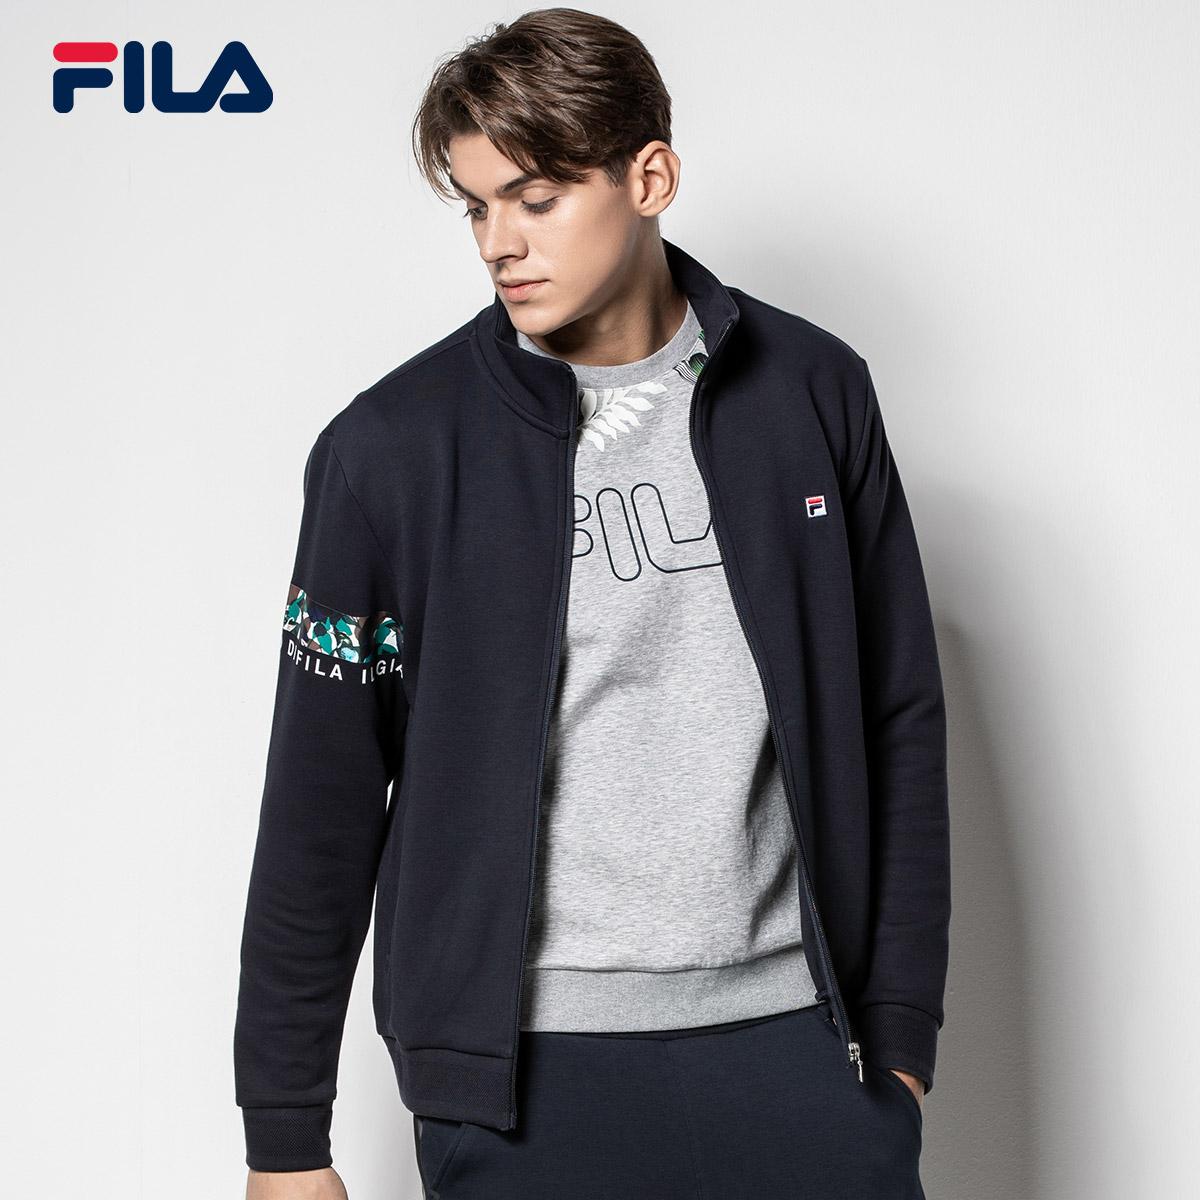 FILA斐乐外套男2018秋季新款针织透气运动休闲开衫上衣夹克男